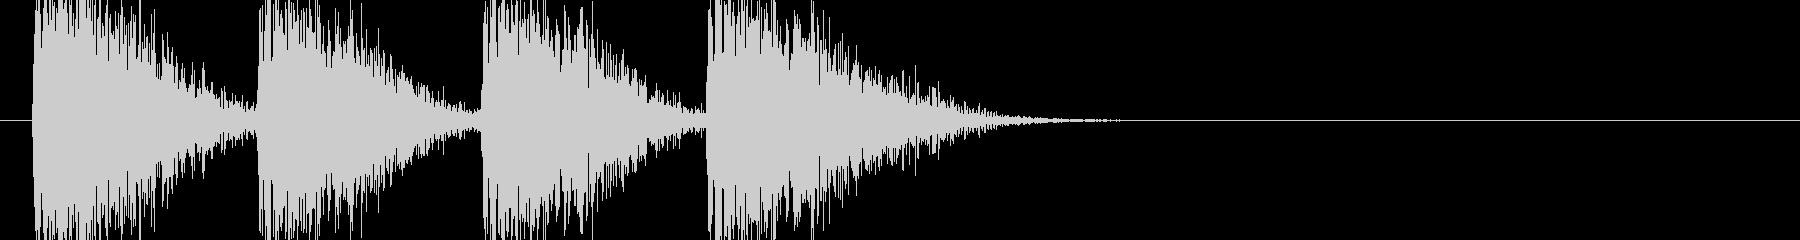 オーケストラヒット登場シーン 80年代の未再生の波形